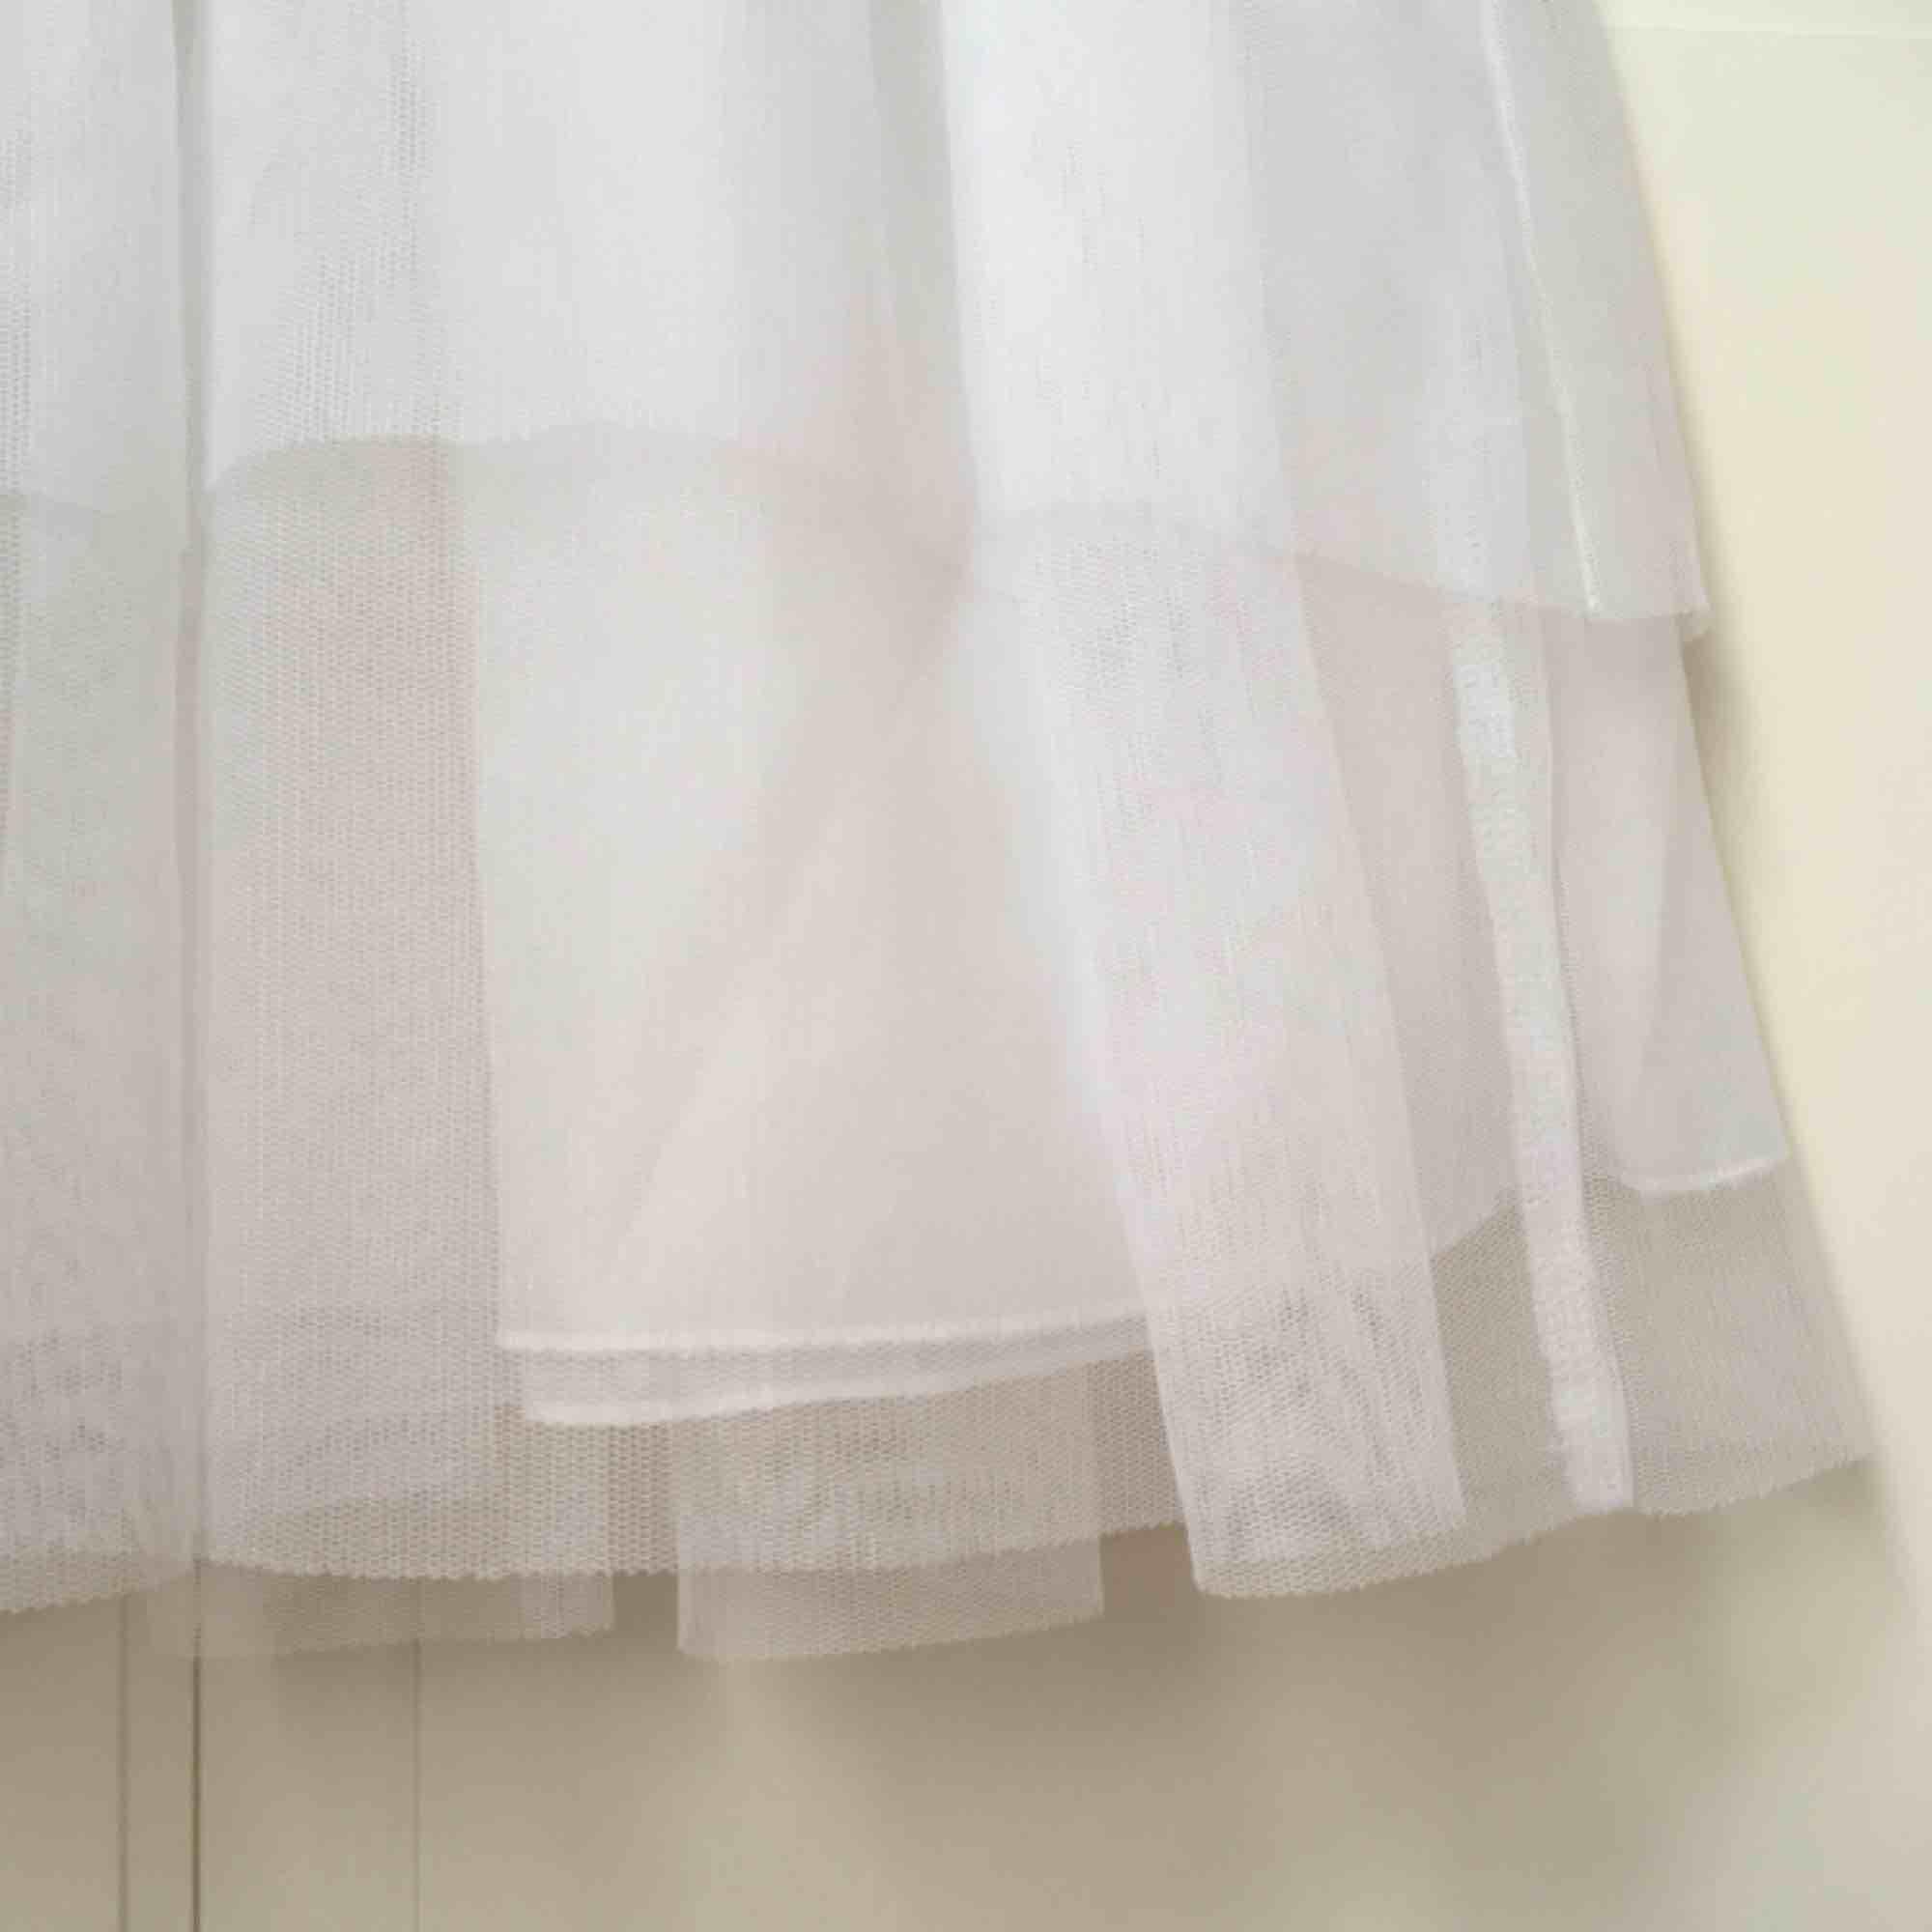 Vit tyllkjol från H&M, samma modell som den svarta. Säljer billigare pga lite sämre skick. . Kjolar.